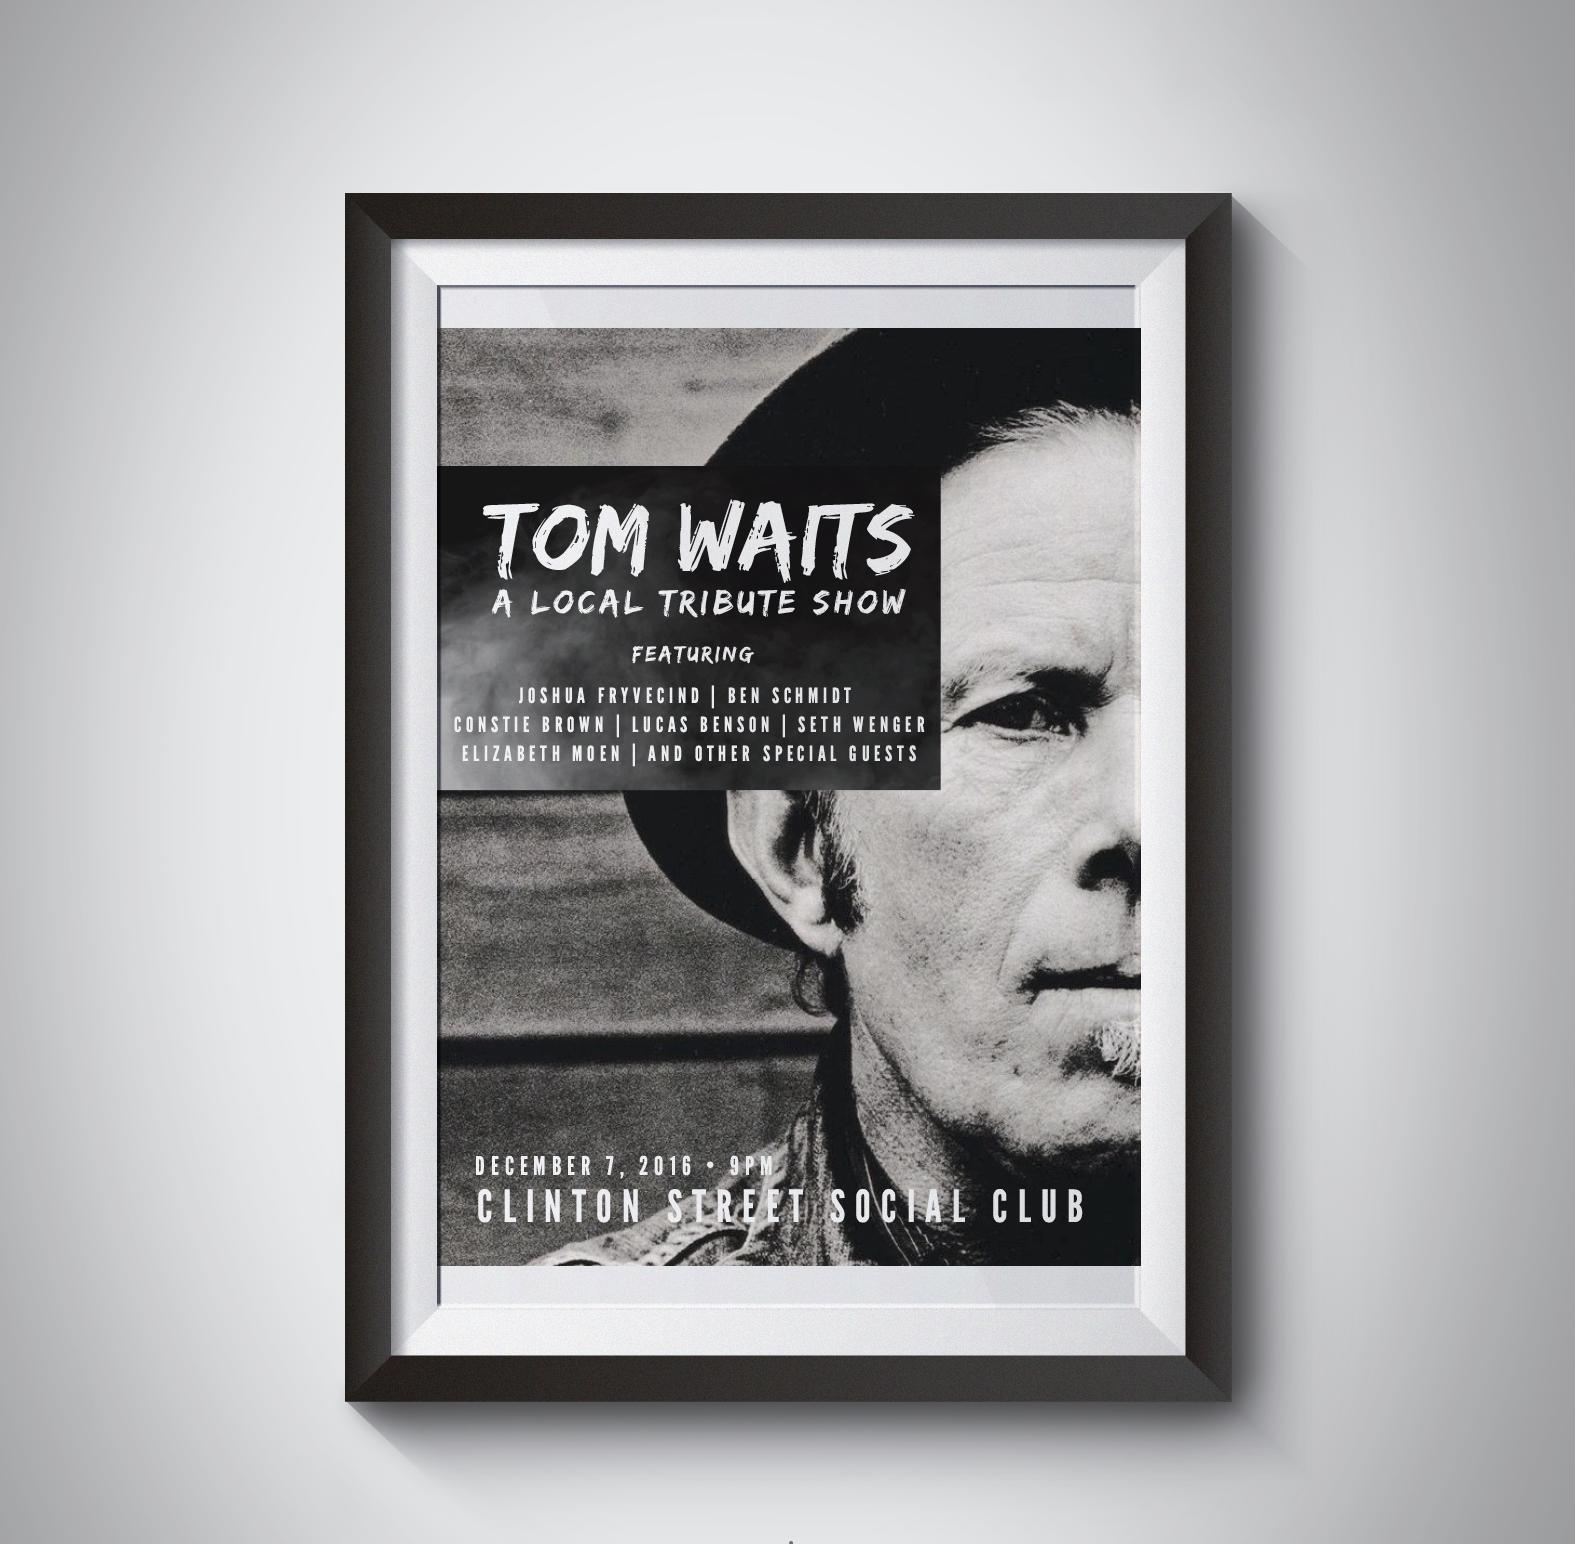 tom waits mockup.png